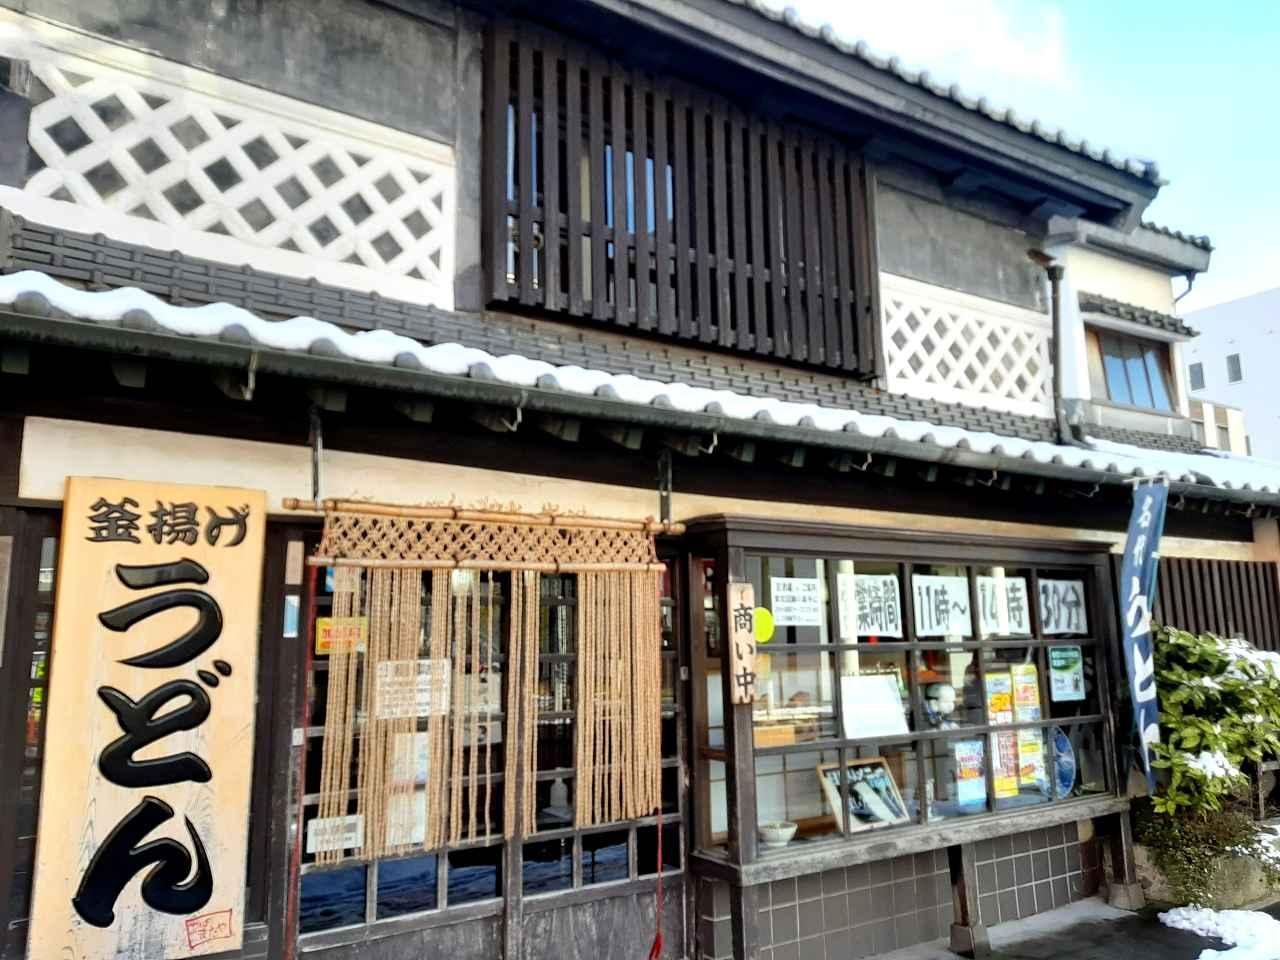 画像: 明治8年創業。老舗感がしっくりとくる木造のしっかりとした建物もいい